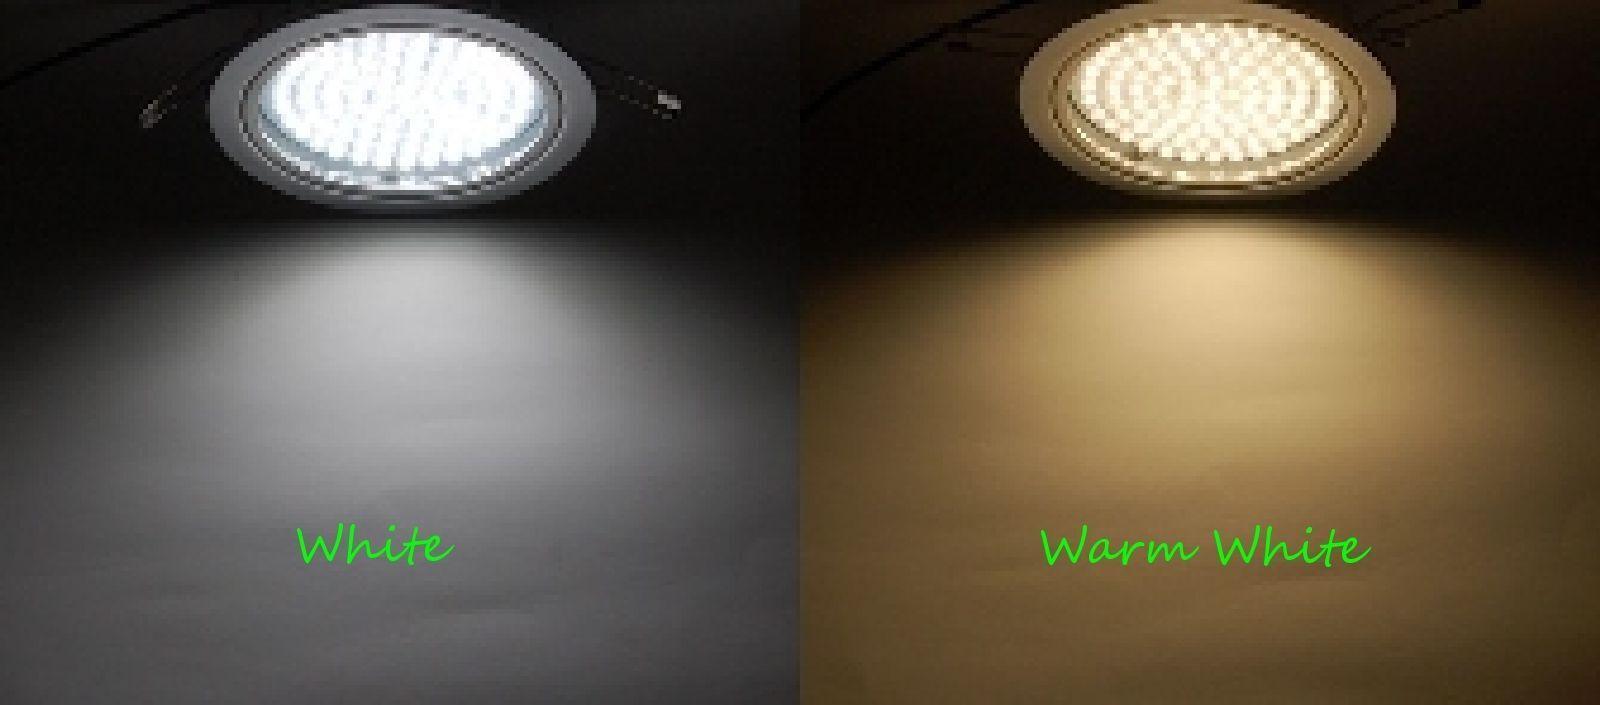 Maison Eclairage Intérieur 2x 6 Lampe Led Smd G4 12v Dc Spot